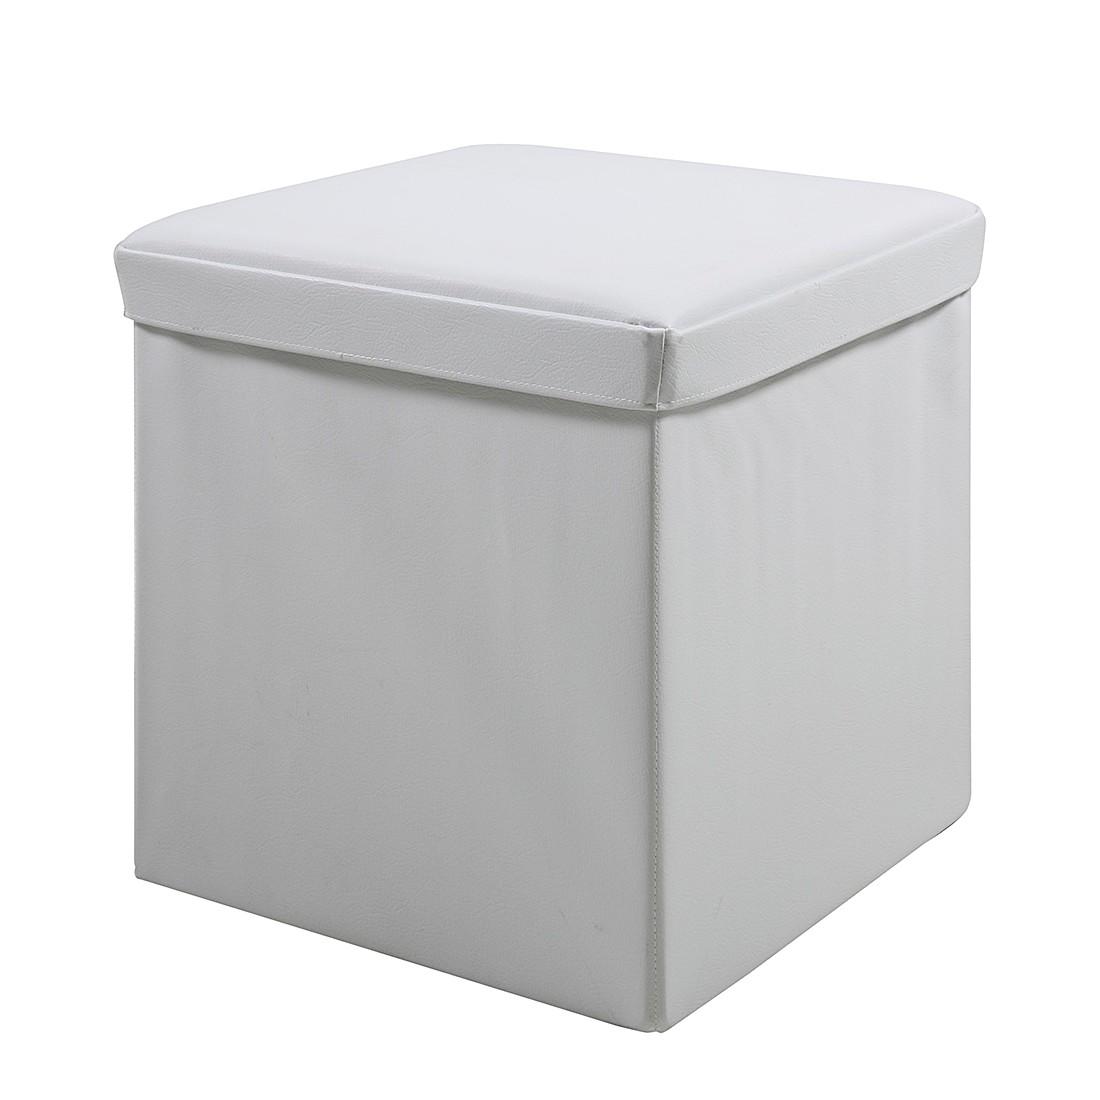 Hocker Sadé II (4er-Set) – Weiß, mooved günstig kaufen